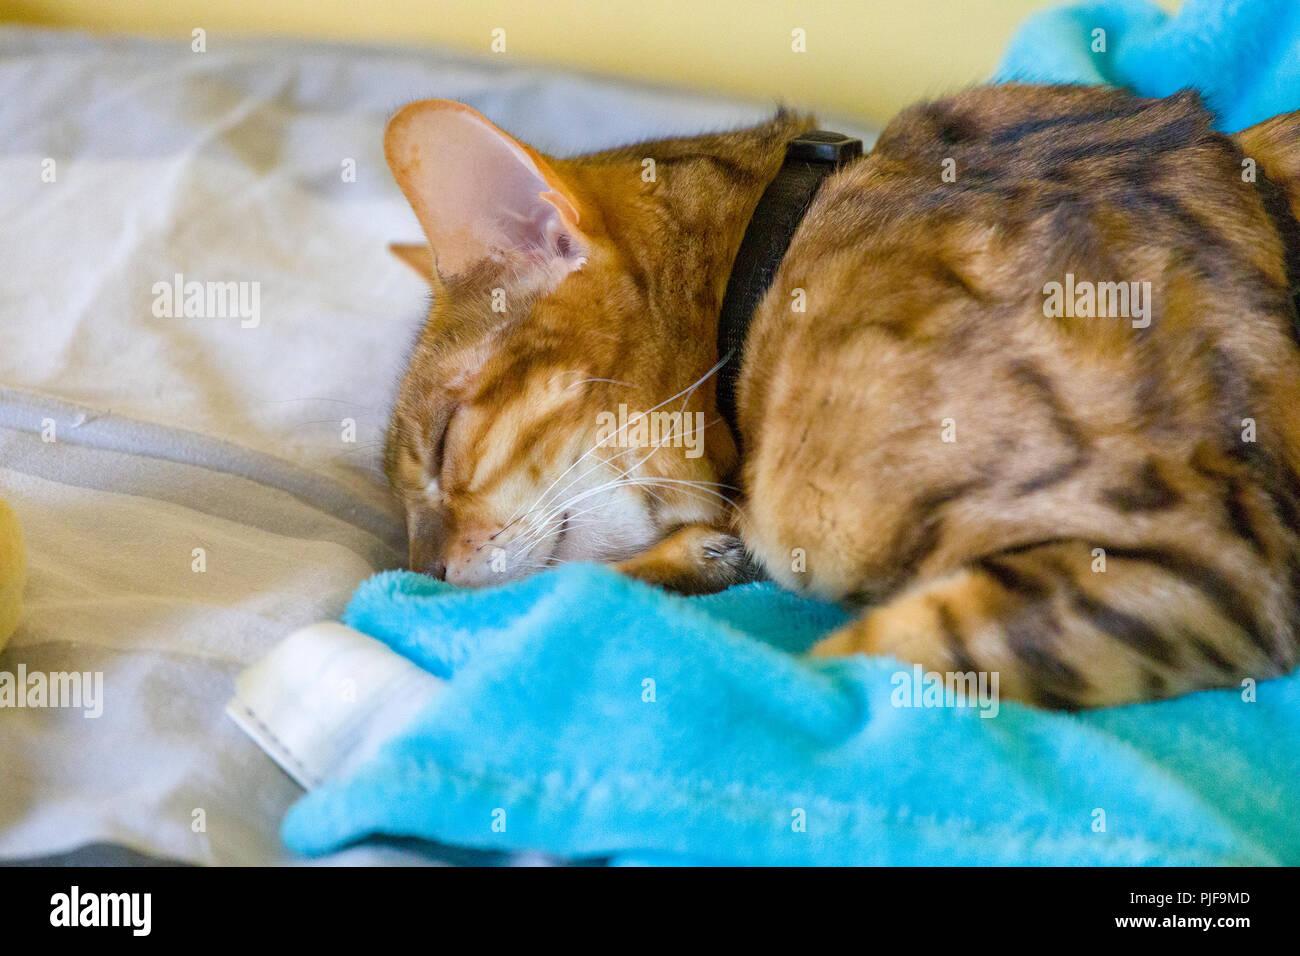 Nahaufnahme der erwachsenen weiblichen Bengal Katze friedlich schlafend auf dem Bett Stockbild